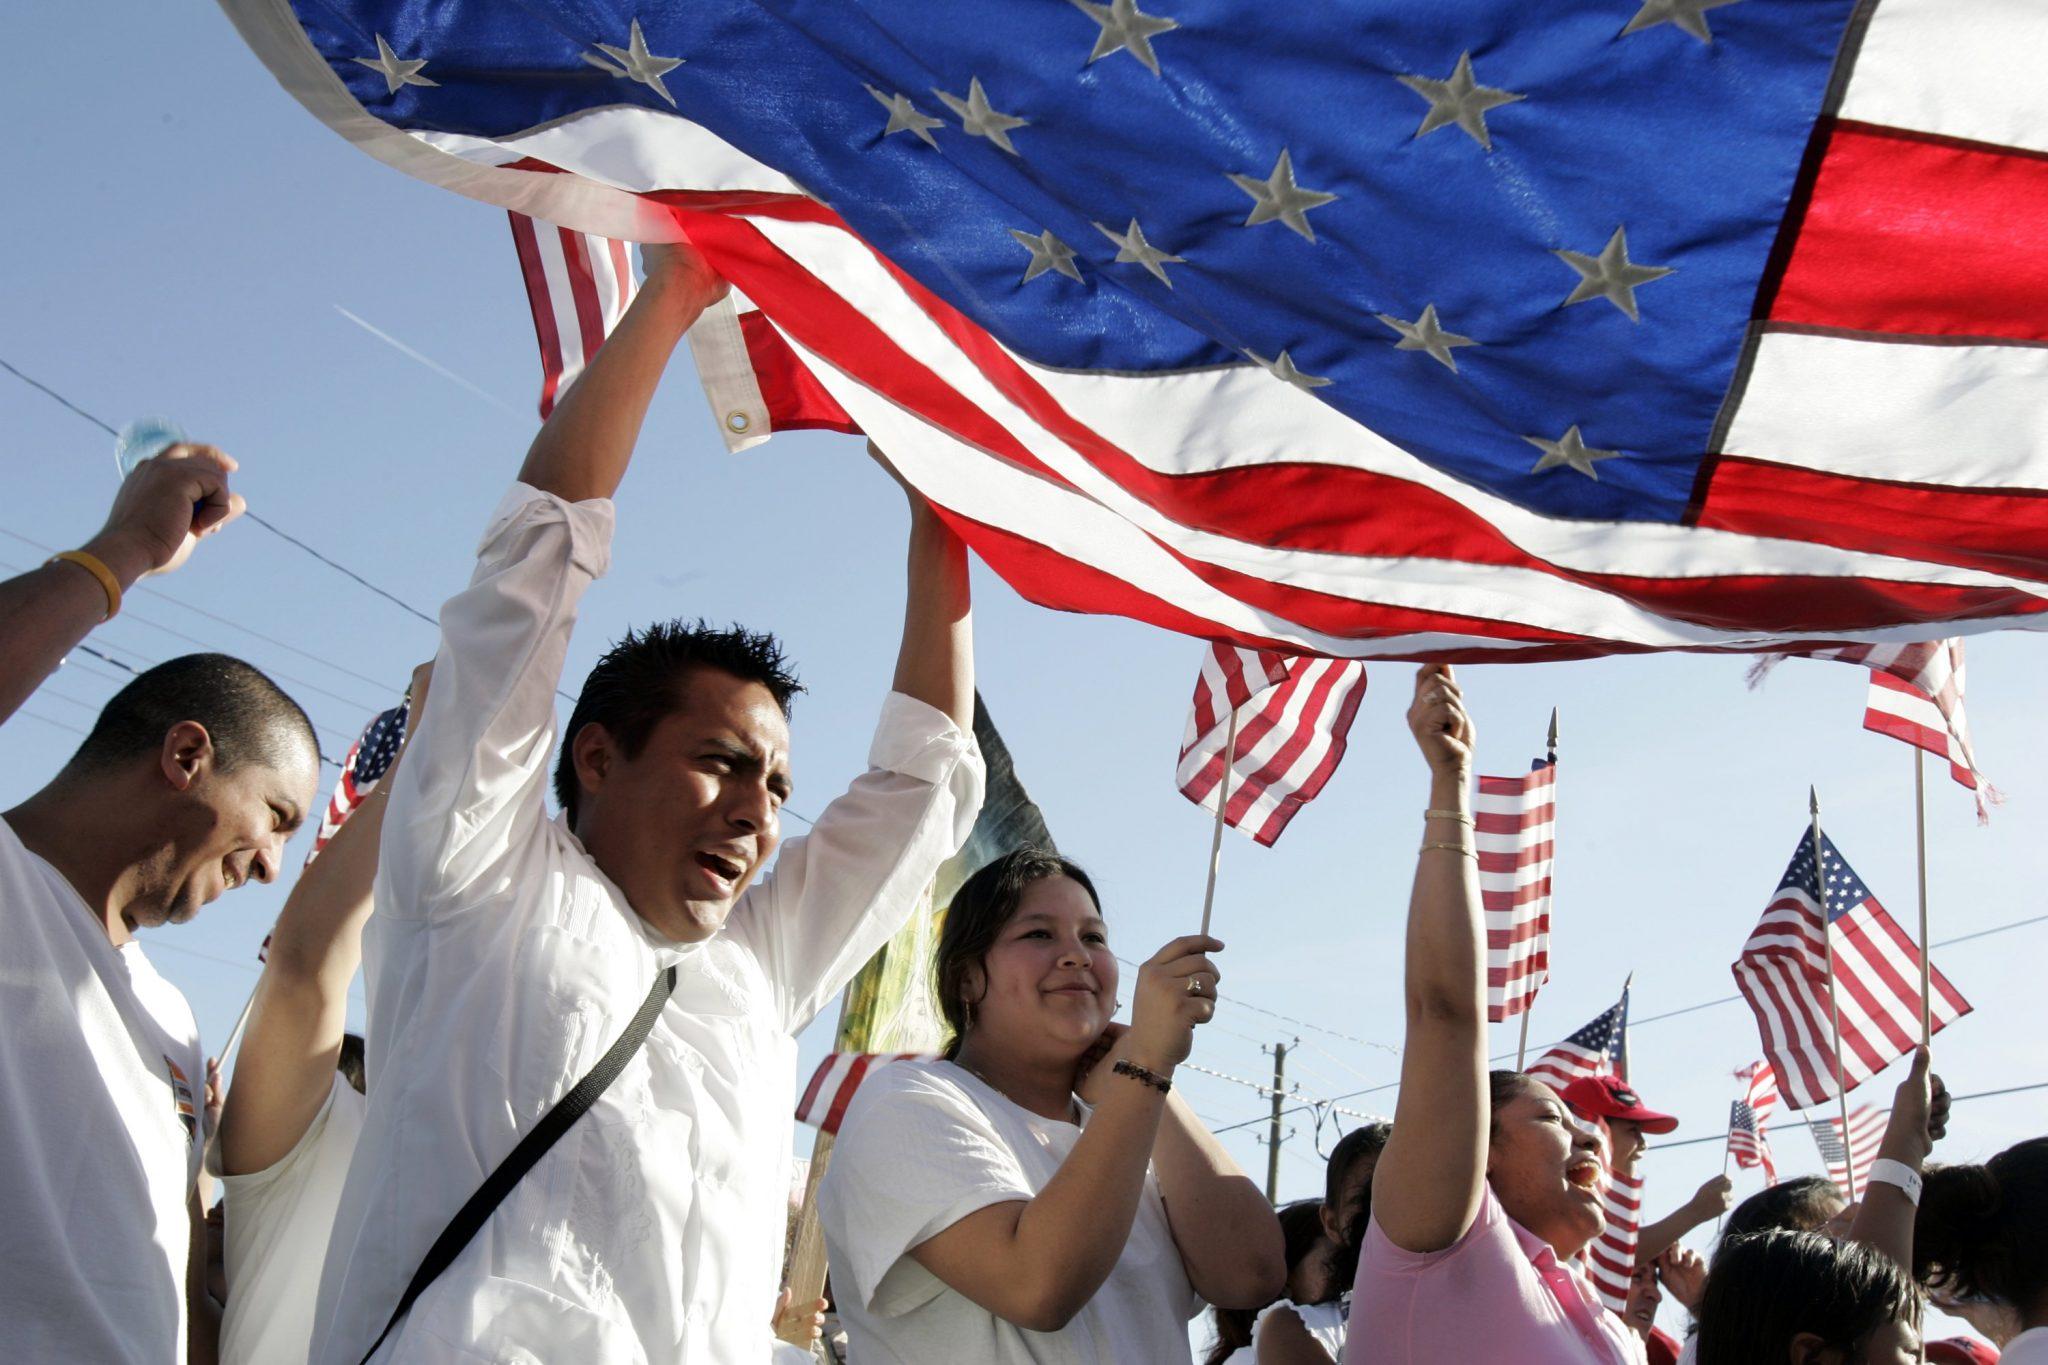 Nhập quốc tịch Mỹ sẽ không quá phức tạp nếu bạn có sự chuẩn bị đầy đủ